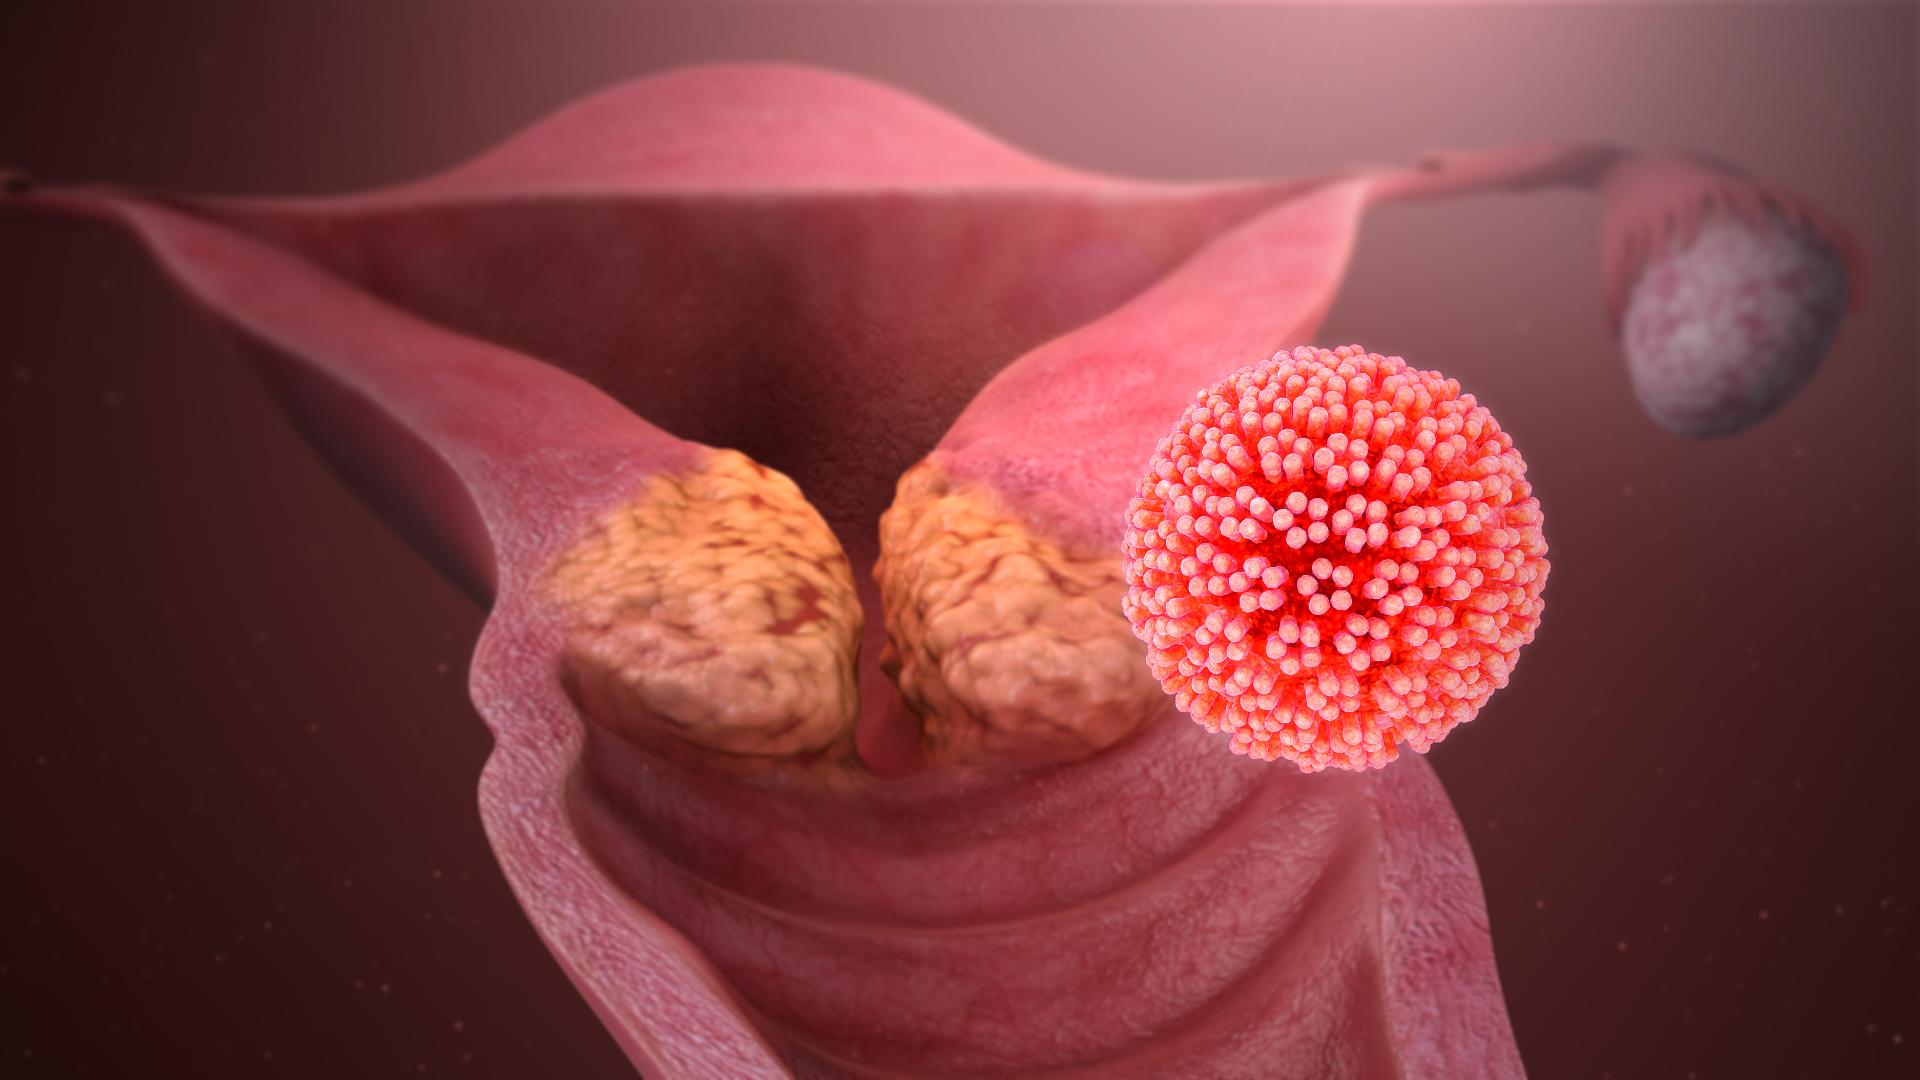 hpv virus loswerden naturlich heilen